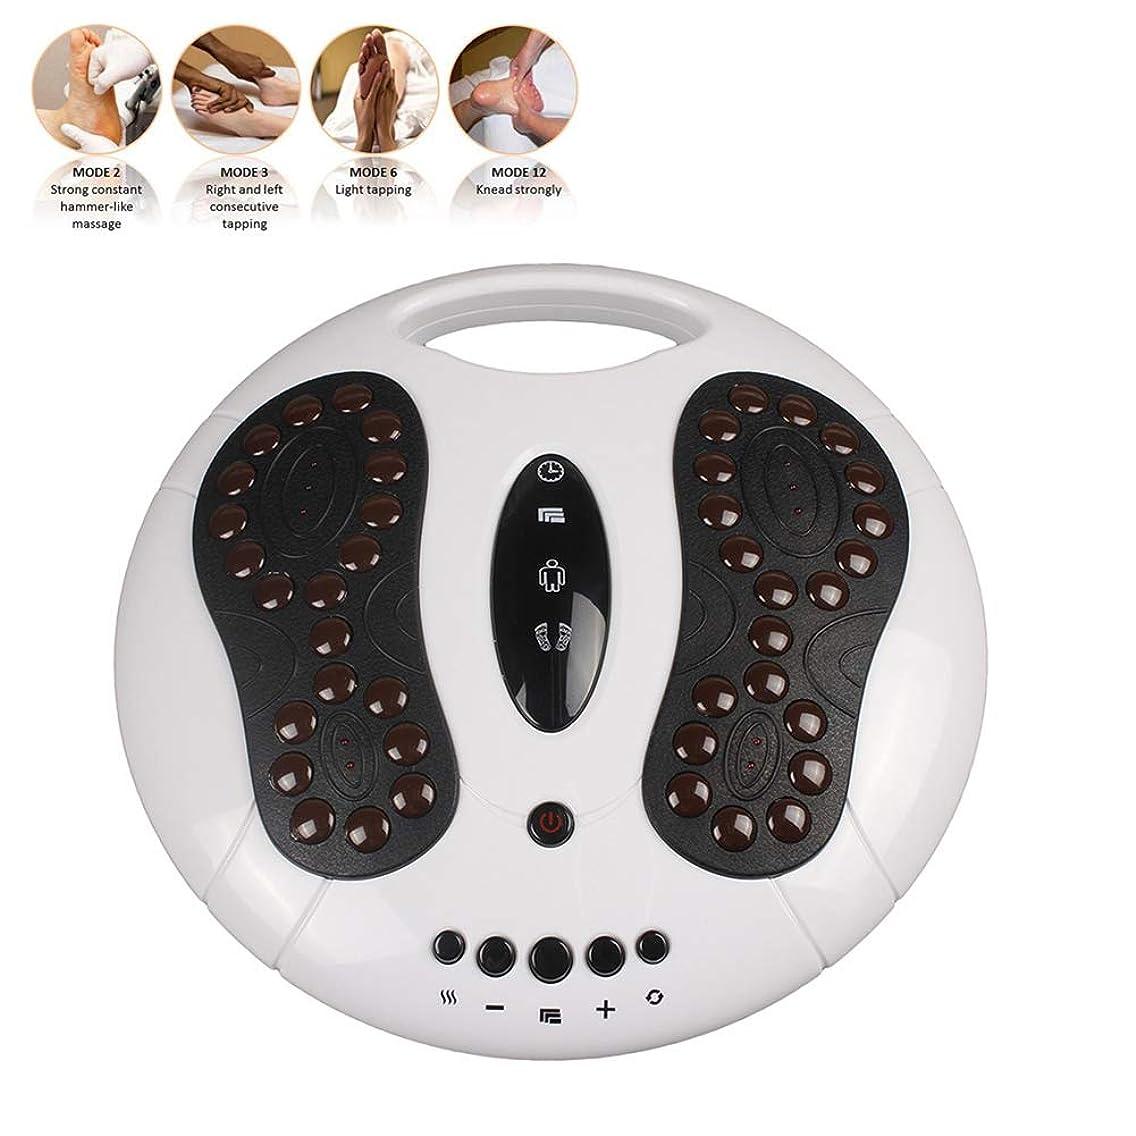 伝導花父方の電動EMSフットマッサージャー足循環器は、足と足首の痛みを99の強度レベルと25種類のマッサージモードで緩和します(新規)